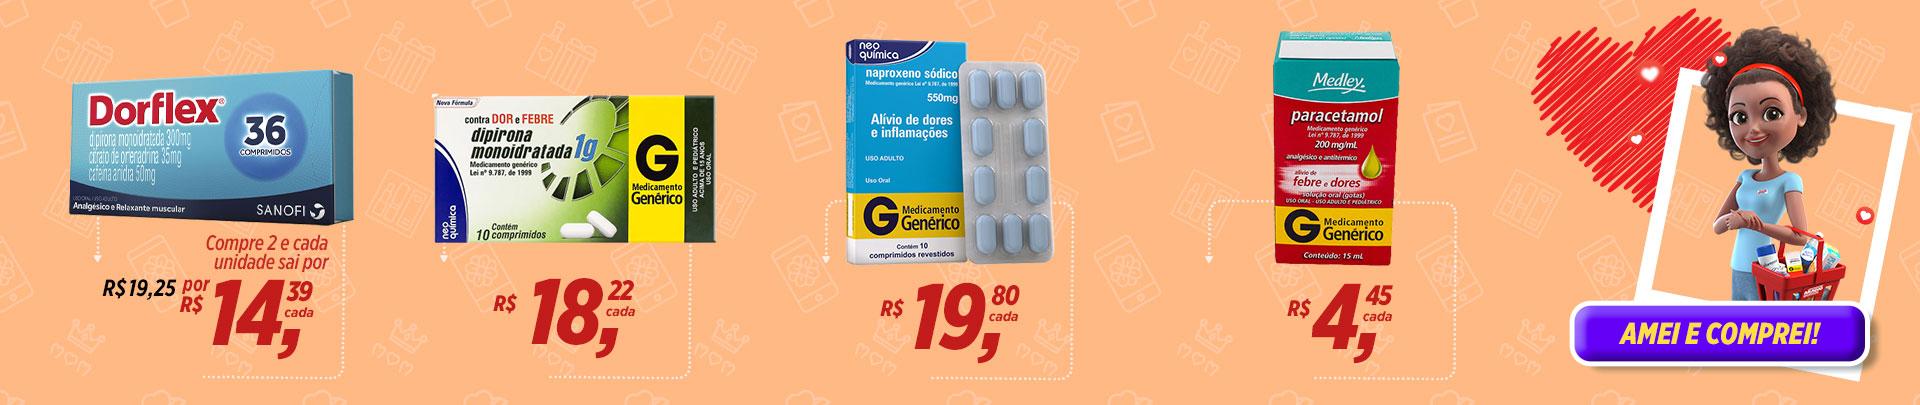 Medicamentos1_Tab354